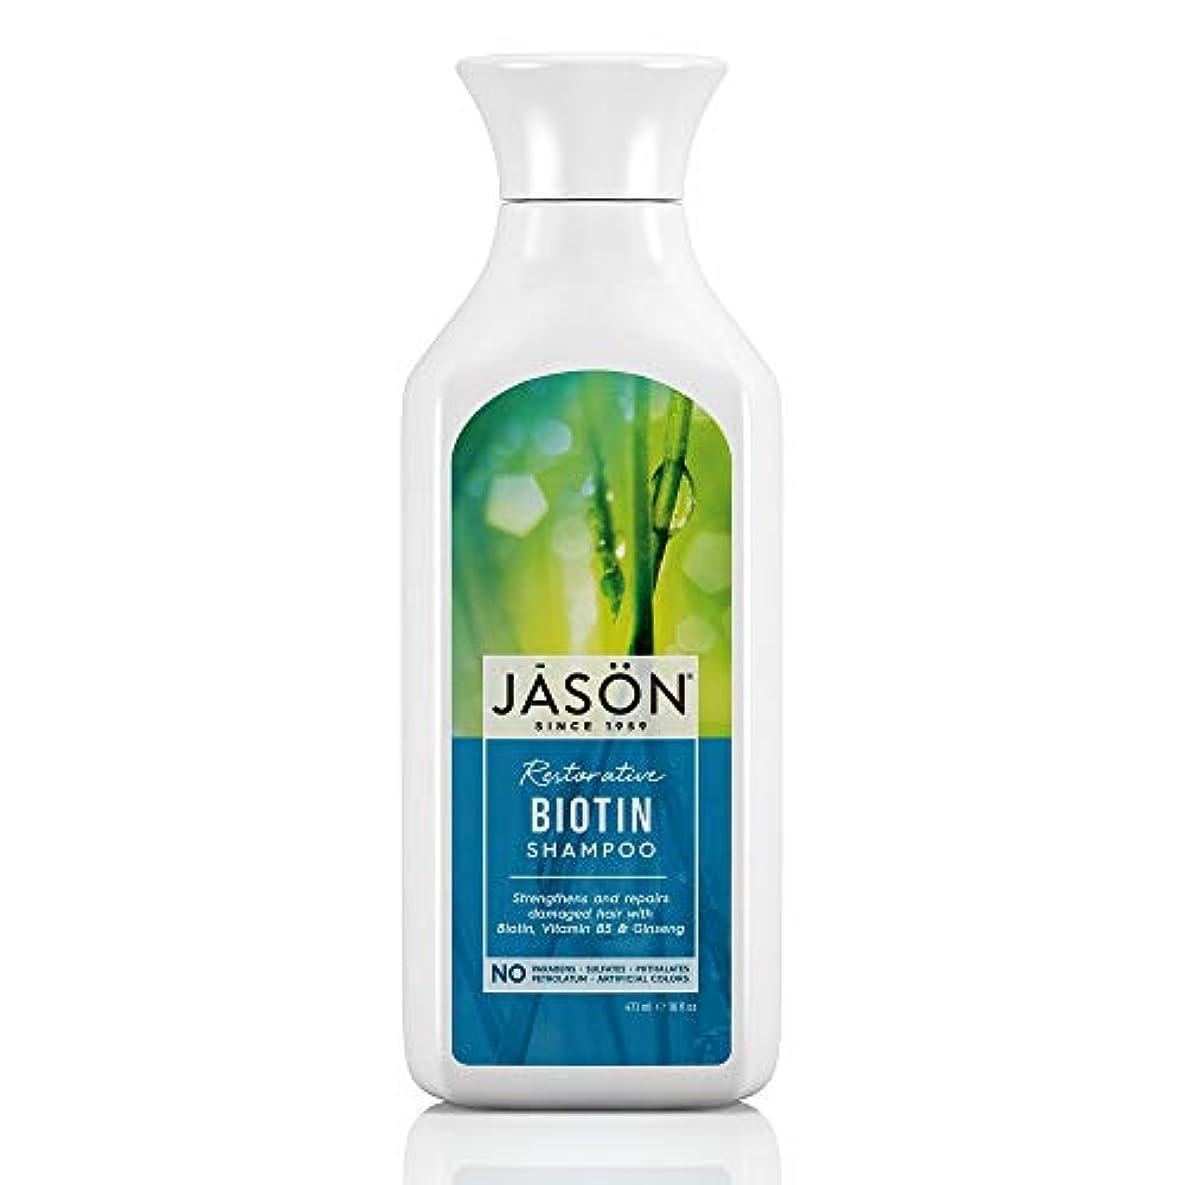 振り返る会話ドリンクJason Natural Products Natural Biotin Shampoo 473 ml (並行輸入品)